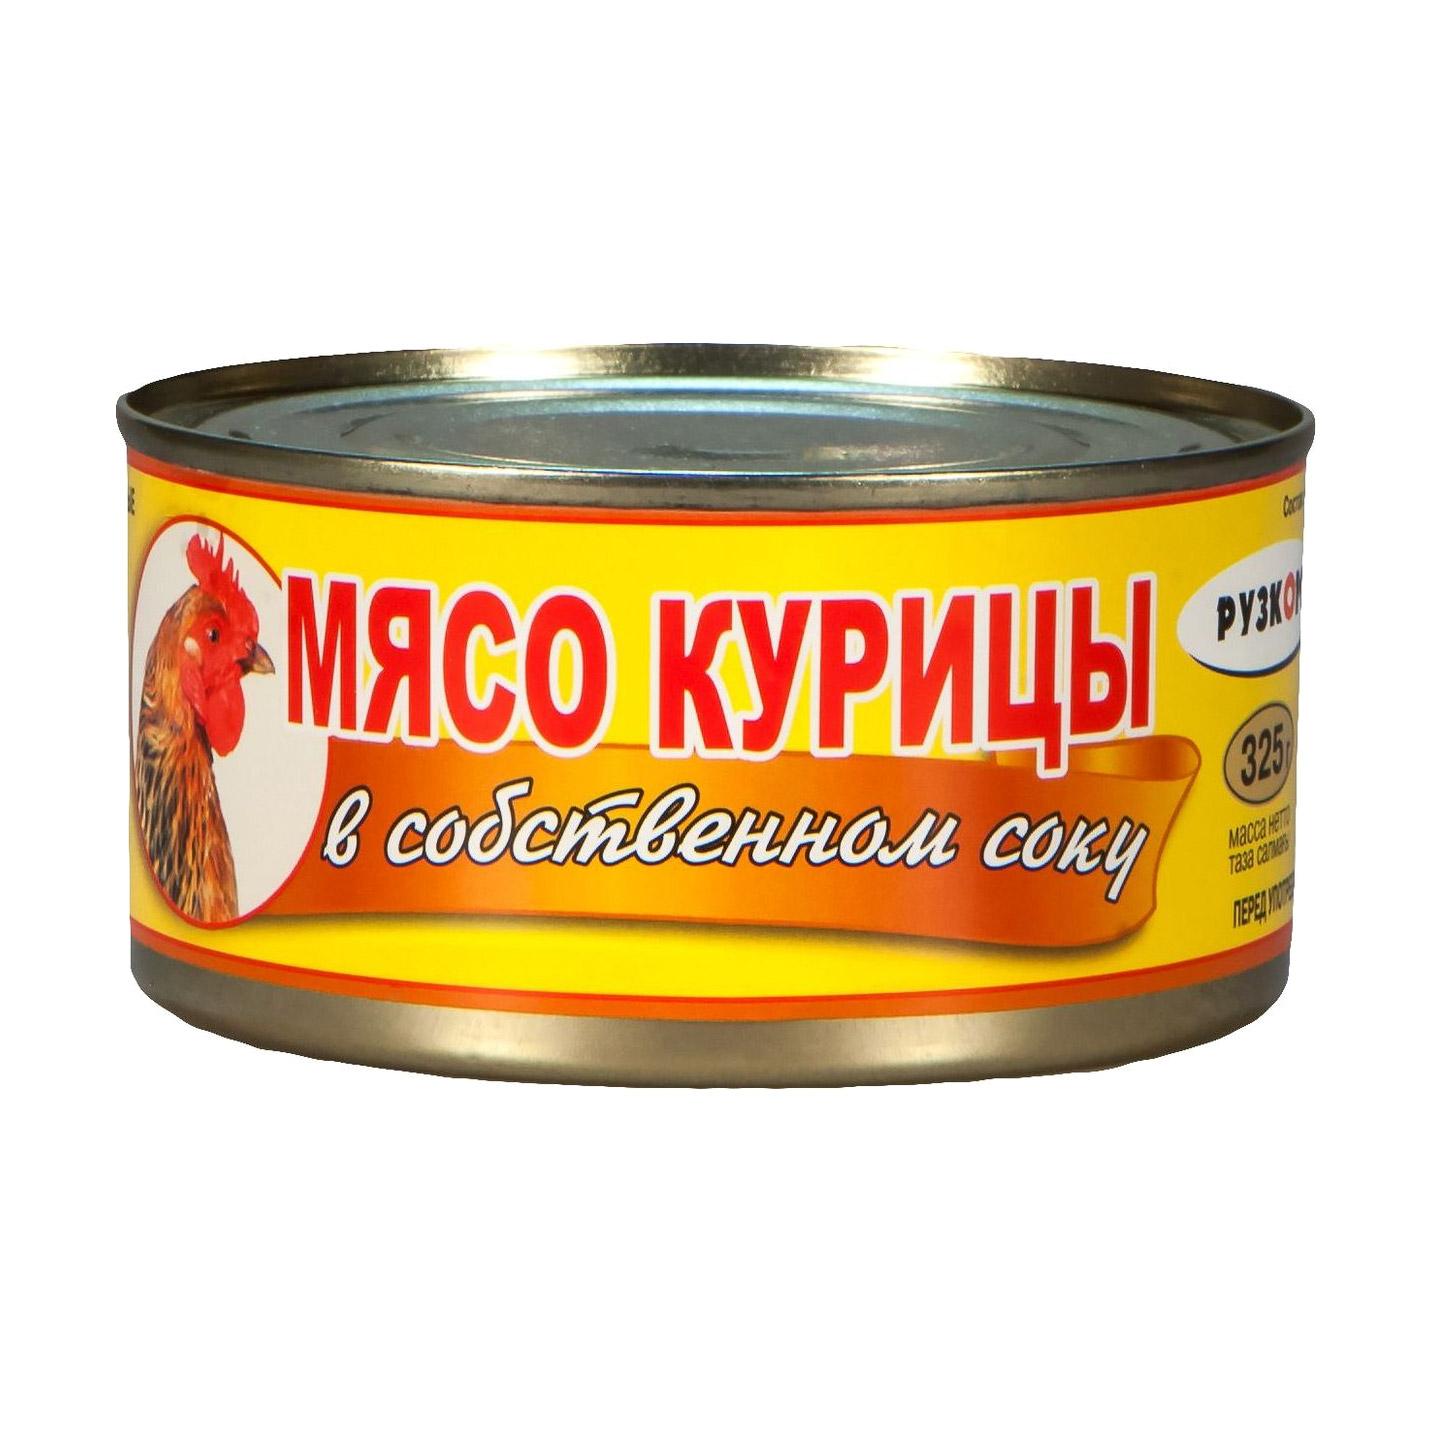 Фото - Мясо курицы Рузком 325 г плов рузком узбекский с говядиной 325 г